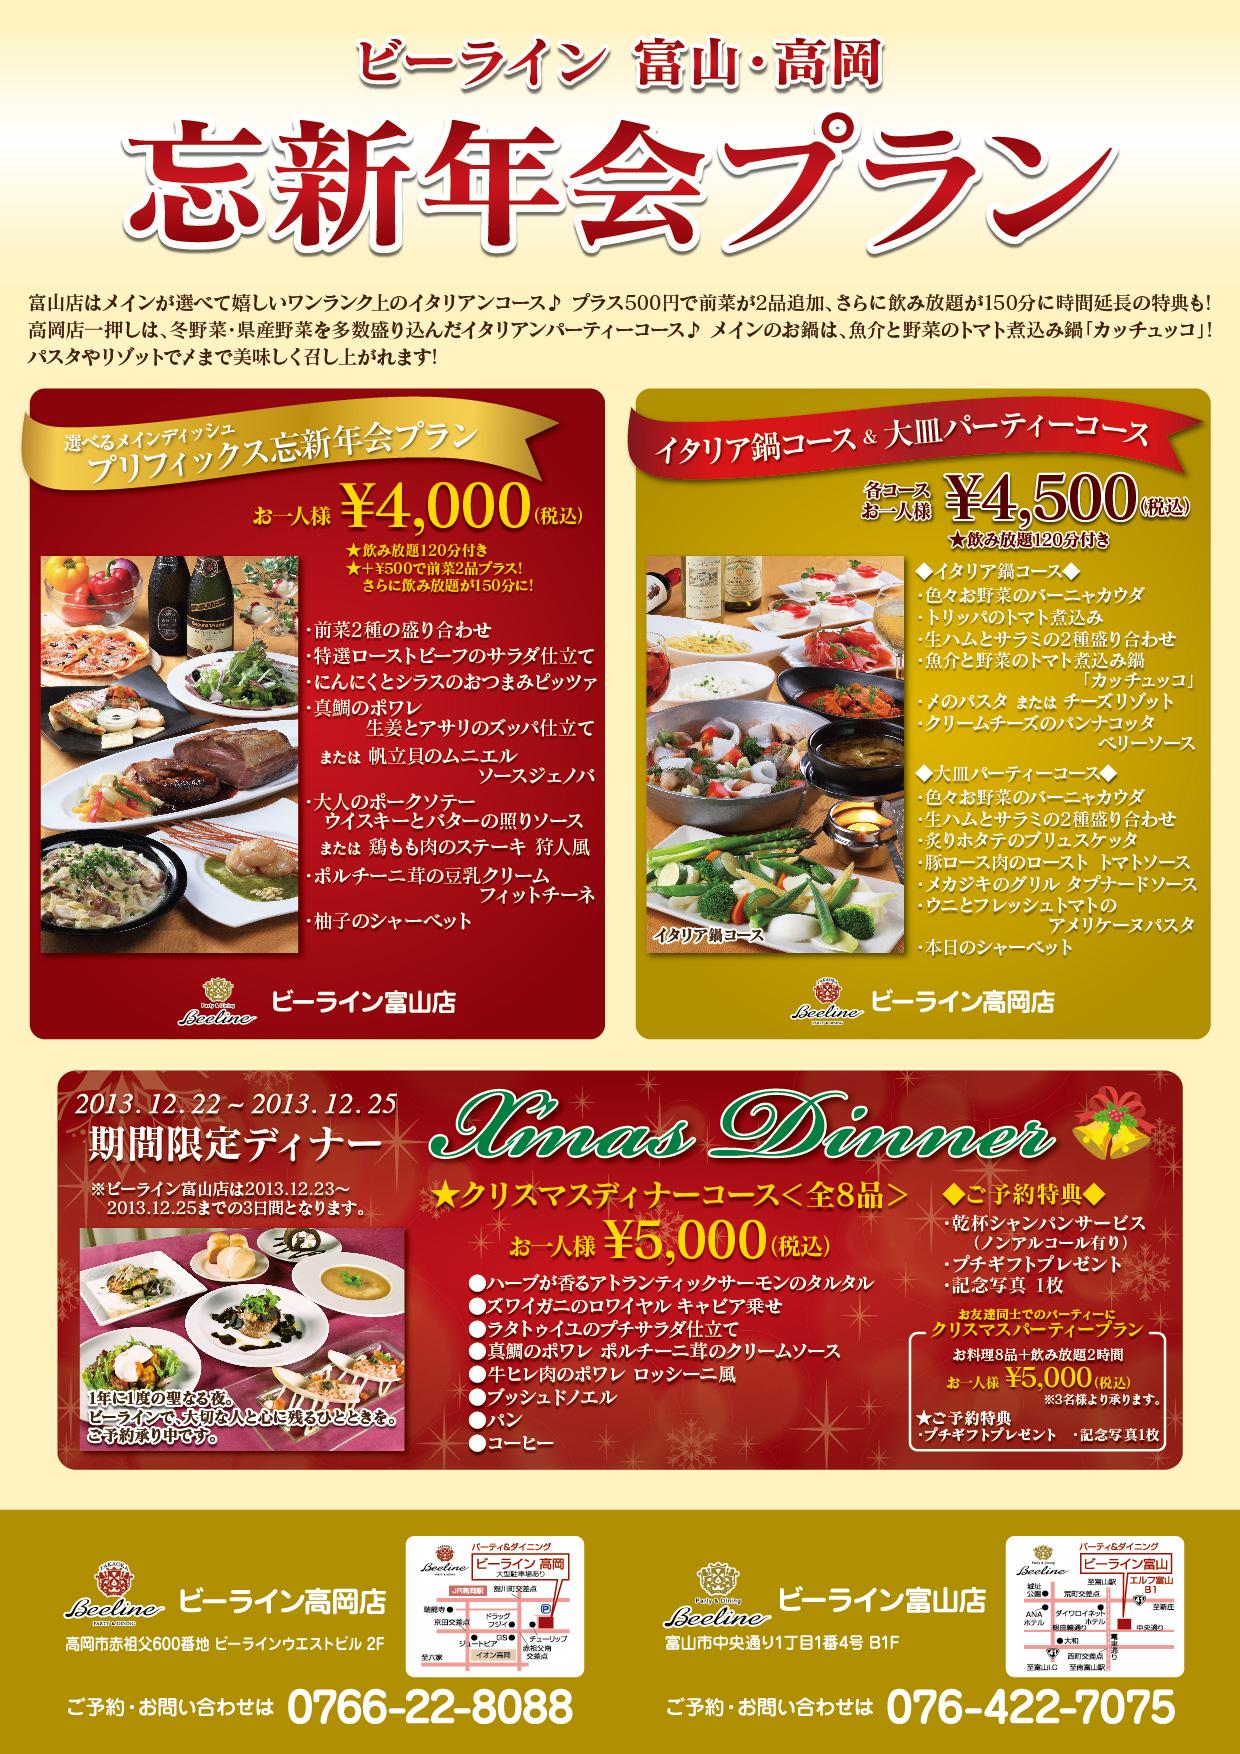 【ビーライン 業態】忘新年会 フライヤー-01